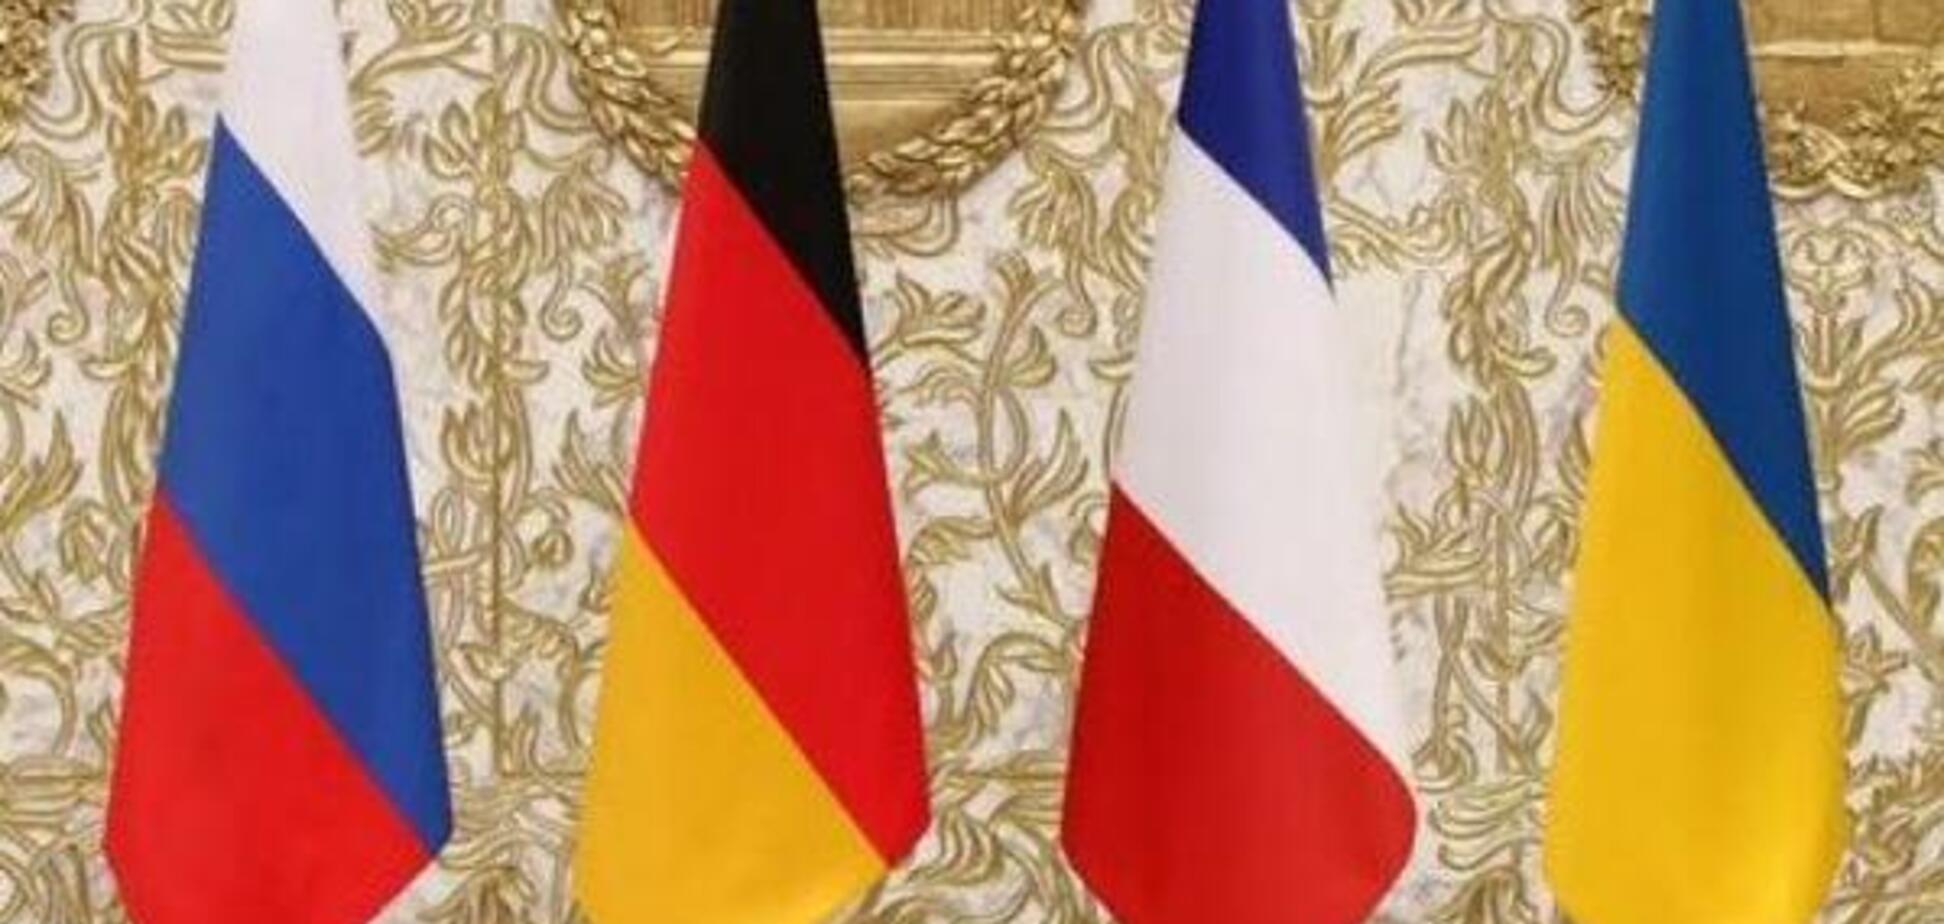 Встреча Зеленского с Путиным: появились подробности 'нормандского формата'